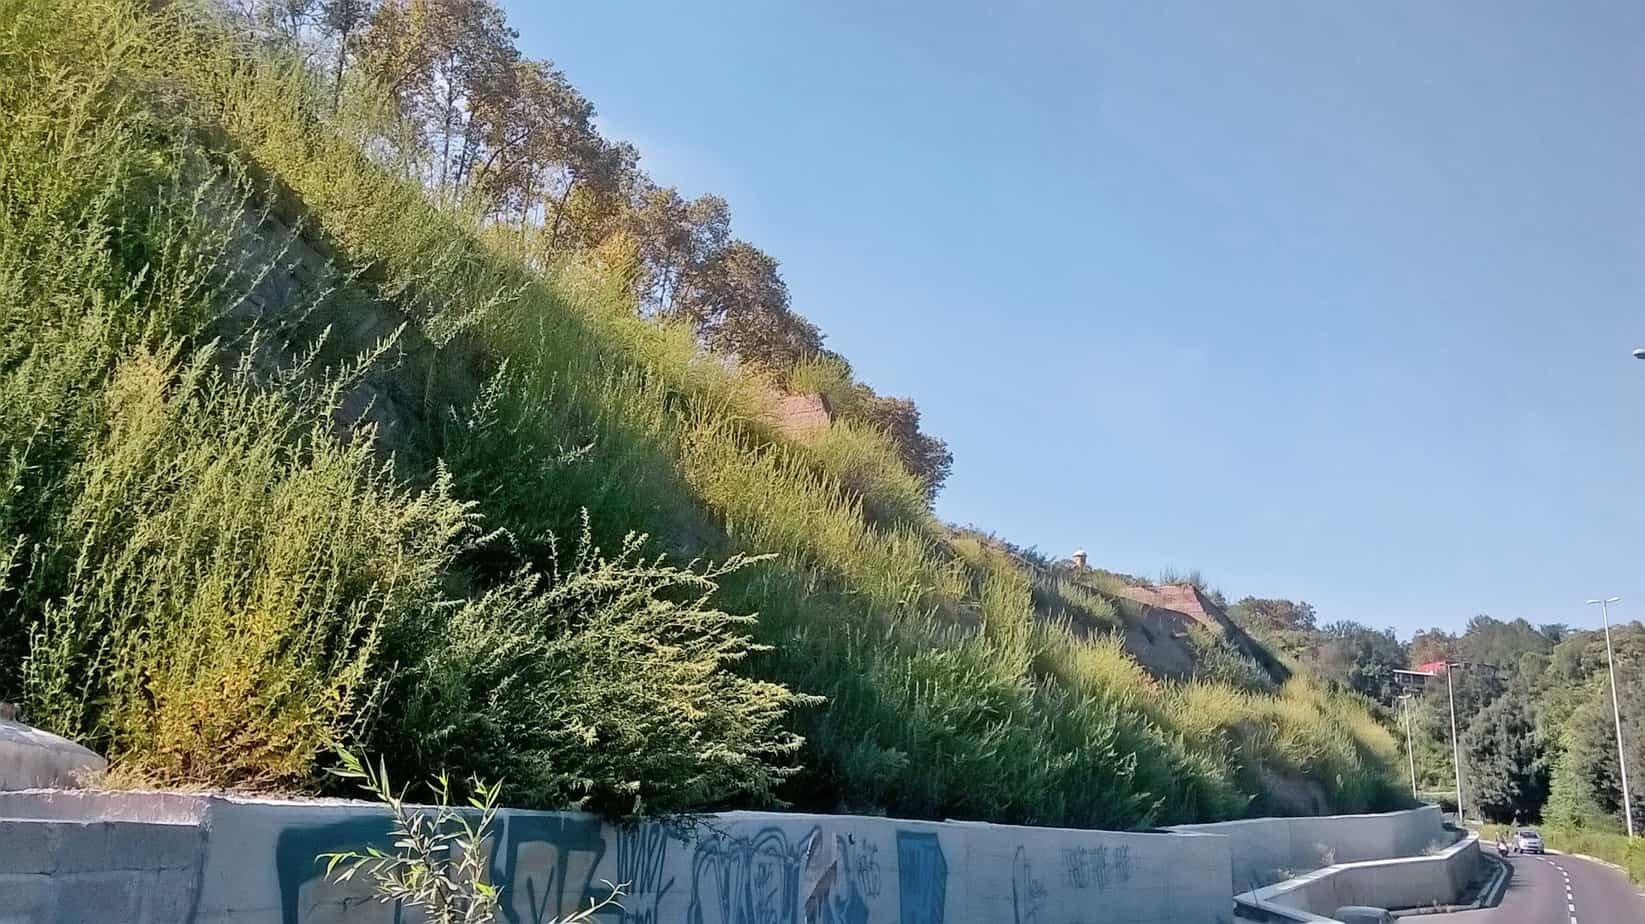 Vista dell'opera ricoperta di vegetazione a quattro mesi dal completamento 7 Giugno 2015 dei lavori